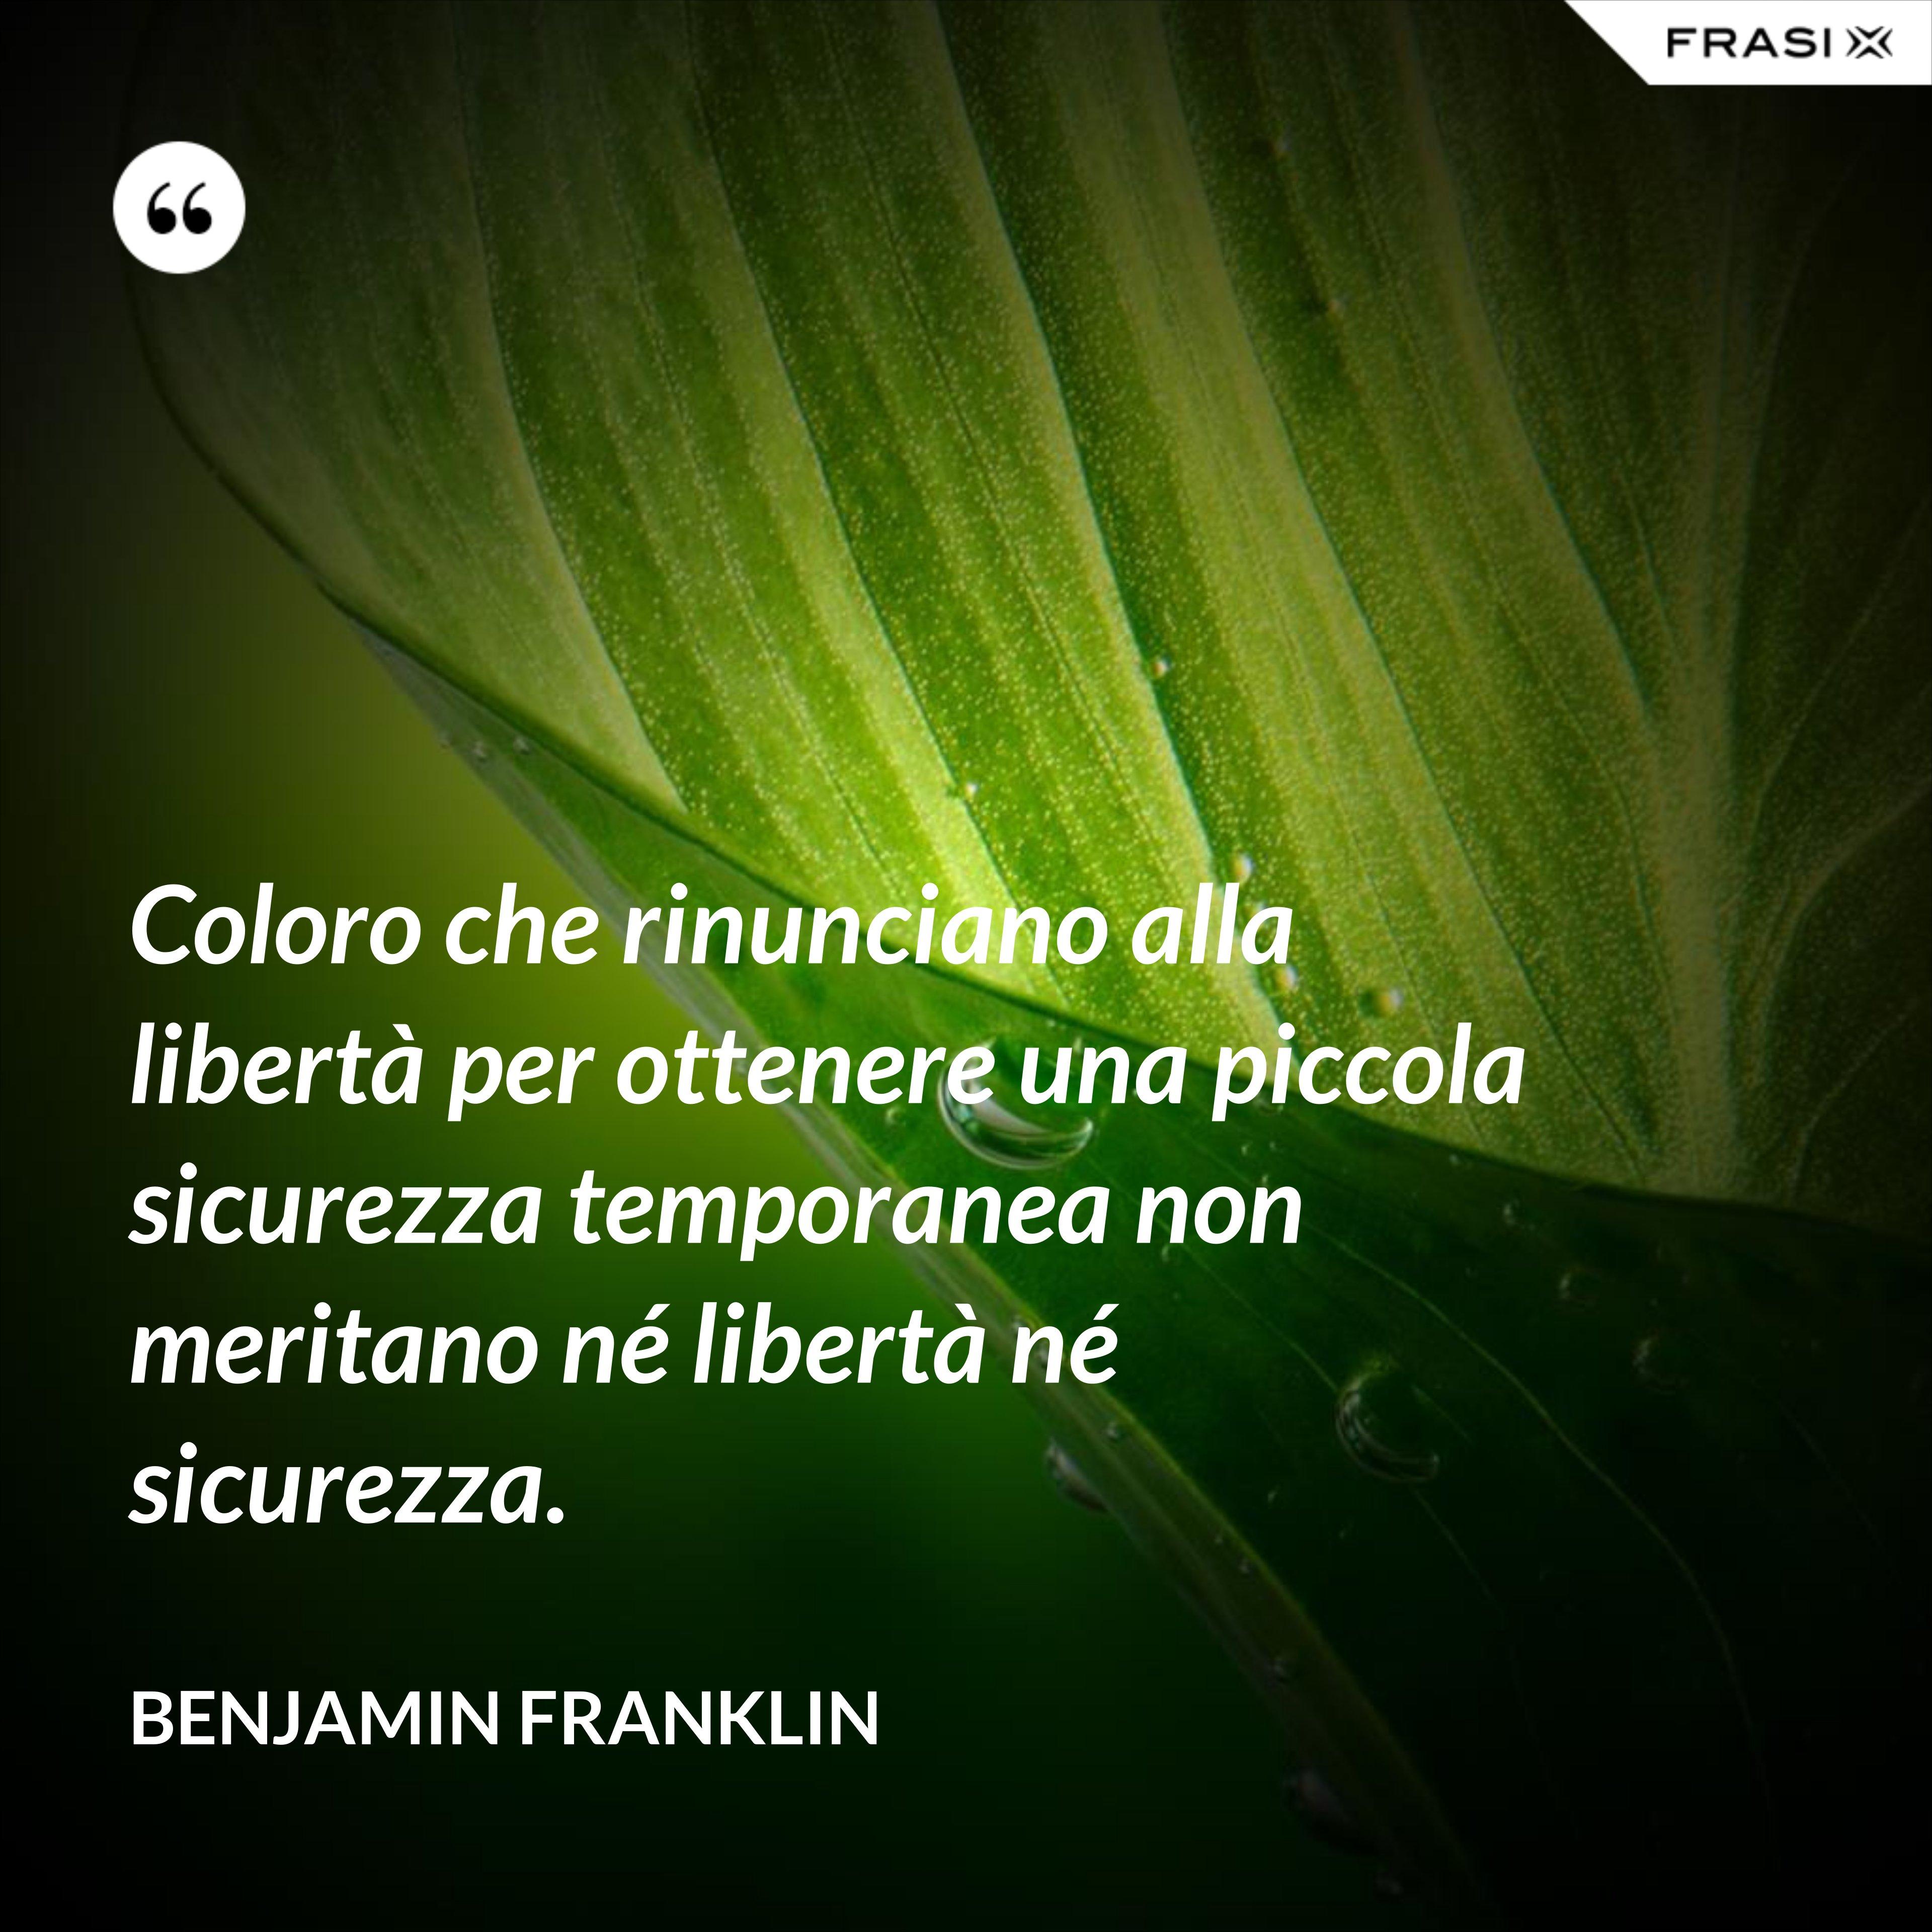 Coloro che rinunciano alla libertà per ottenere una piccola sicurezza temporanea non meritano né libertà né sicurezza. - Benjamin Franklin